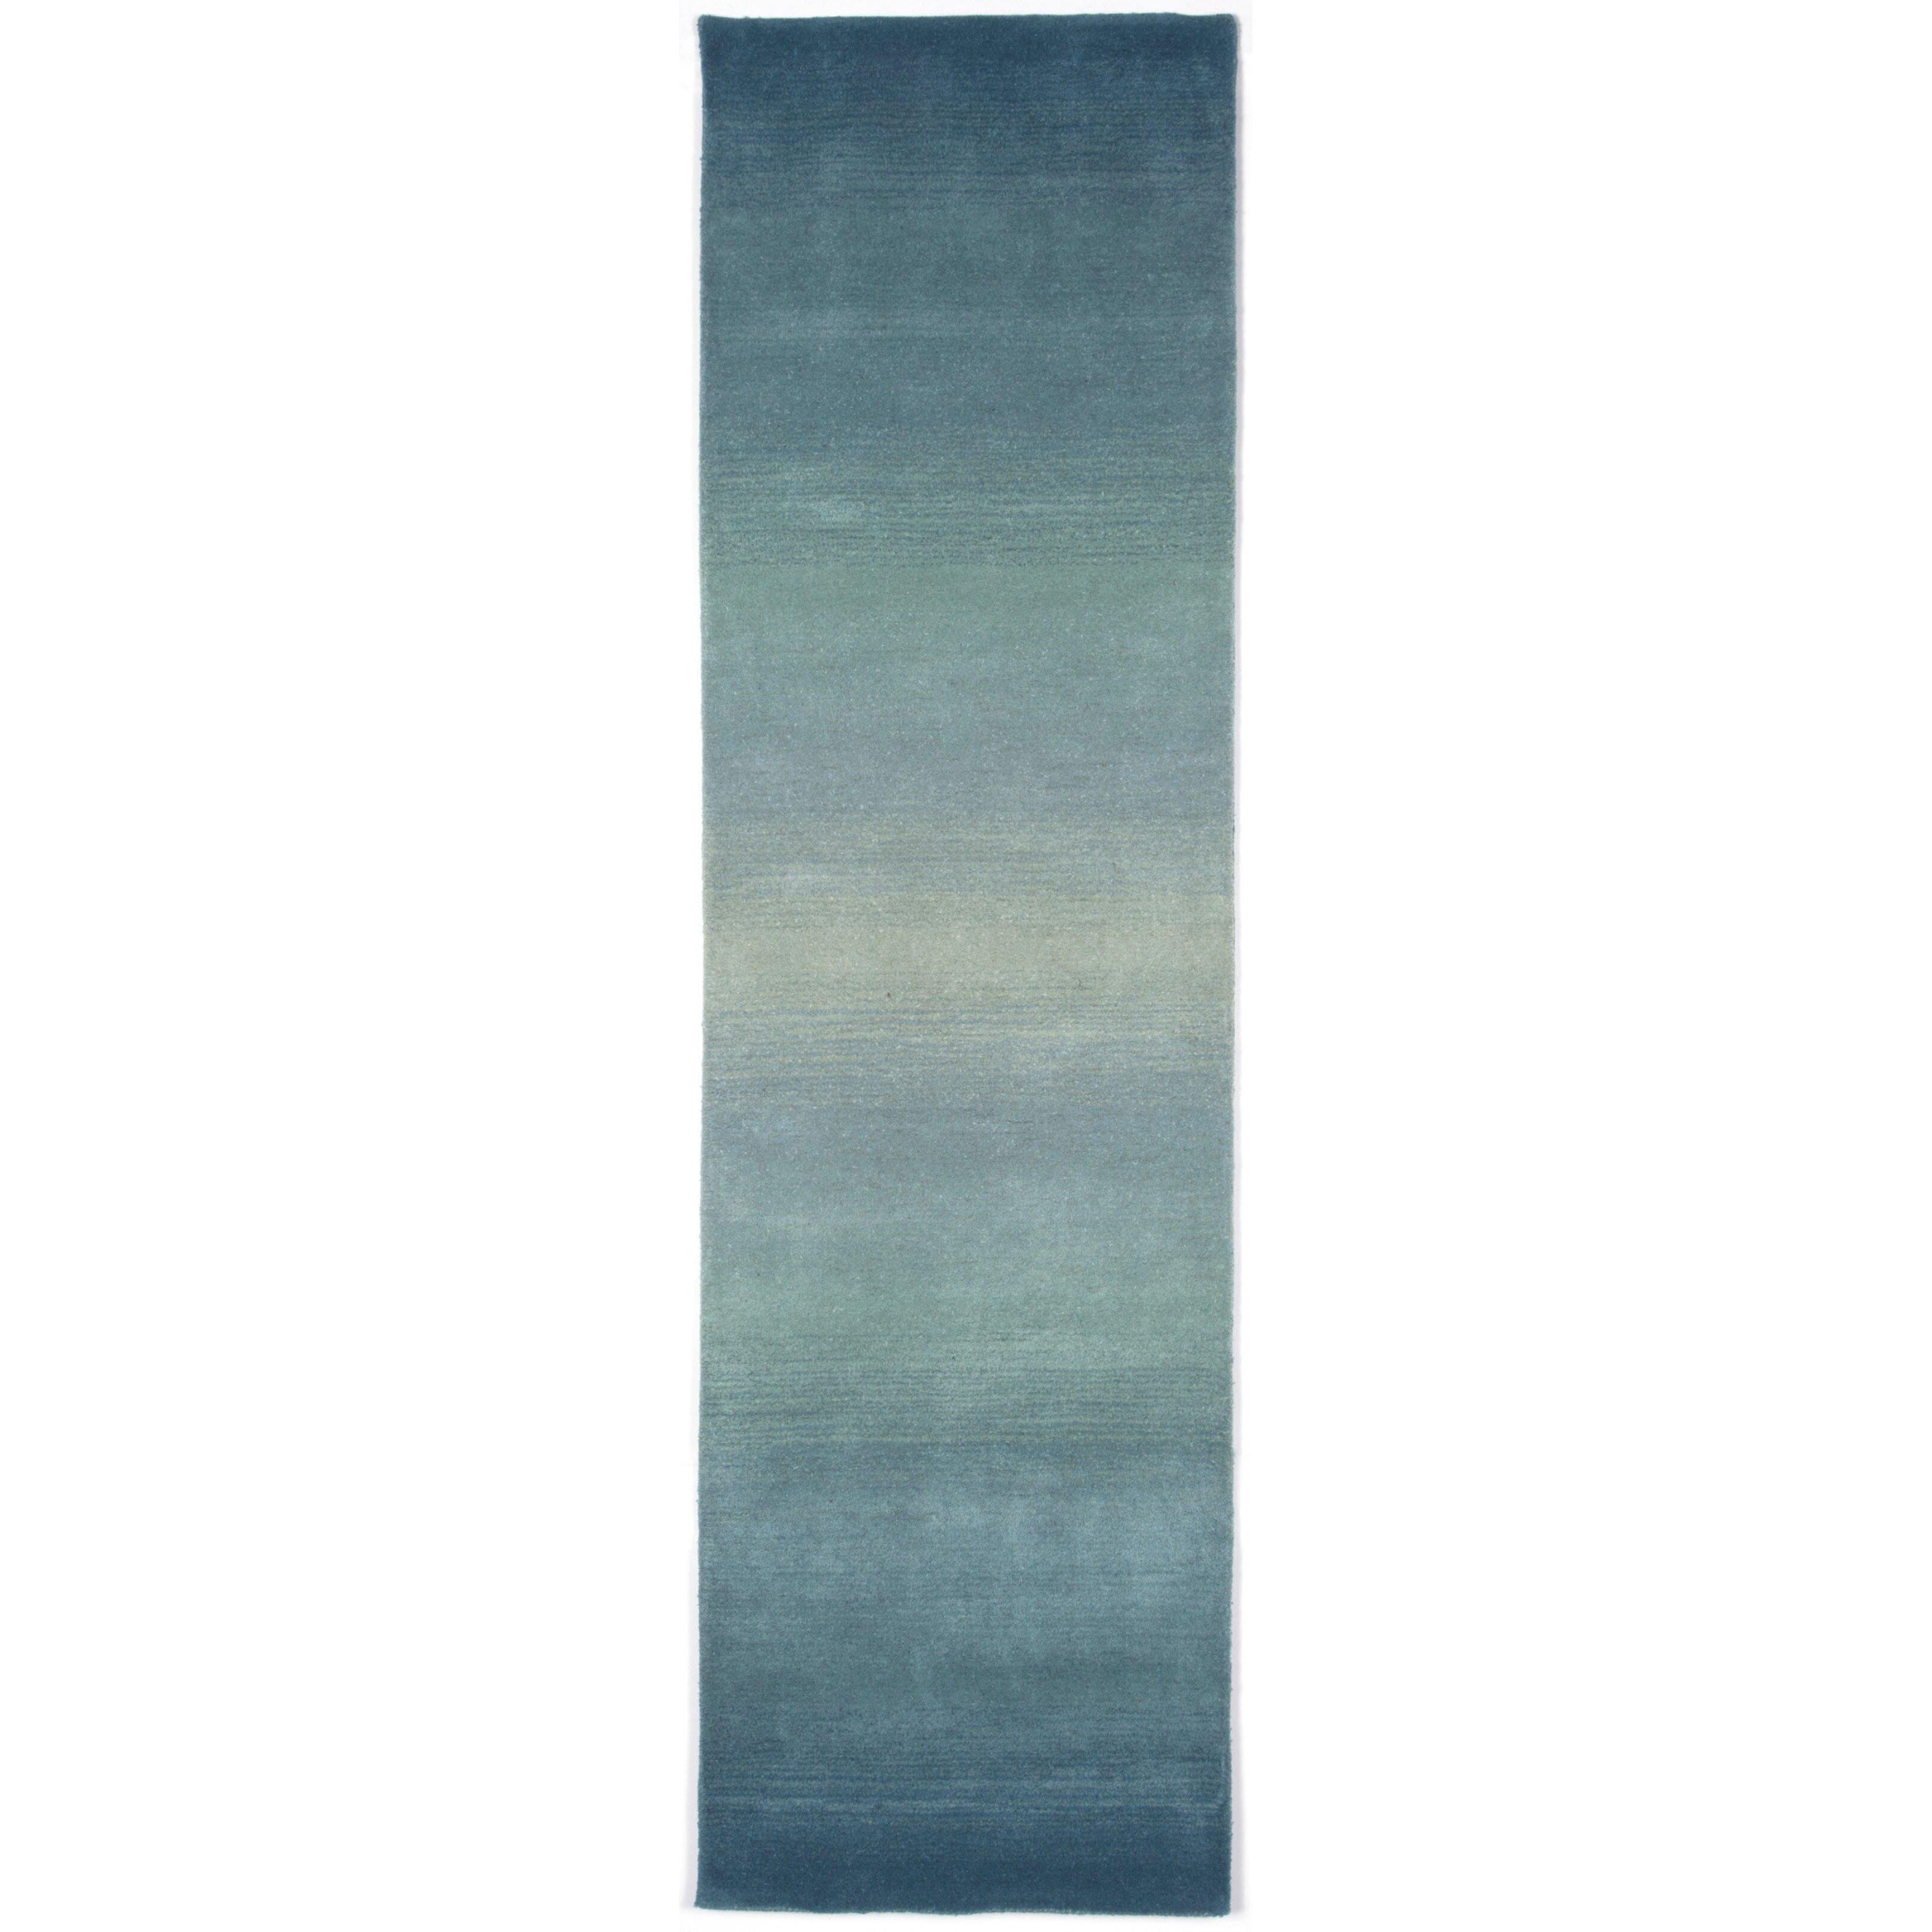 Liora Manne Ombre Aqua Horizon Area Rug & Reviews